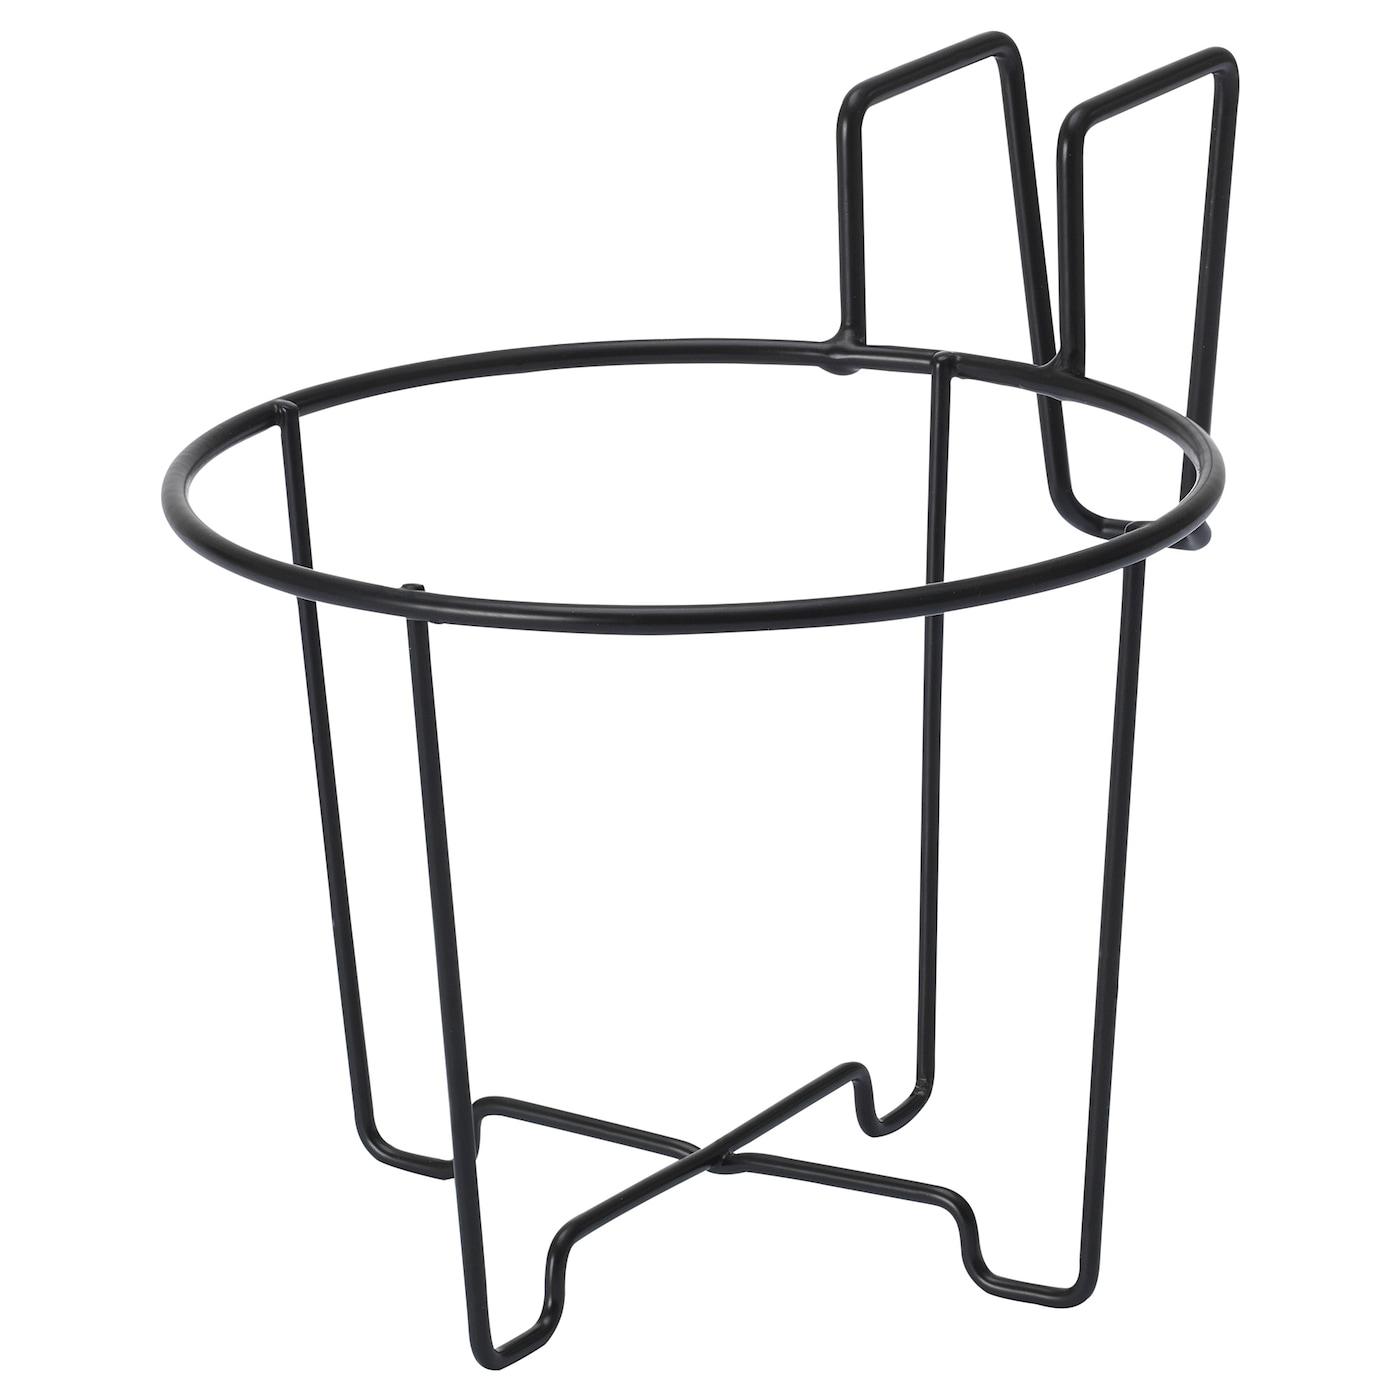 SVARTPEPPAR podu turētājs - iekšpusē / ārā melns 16 cm